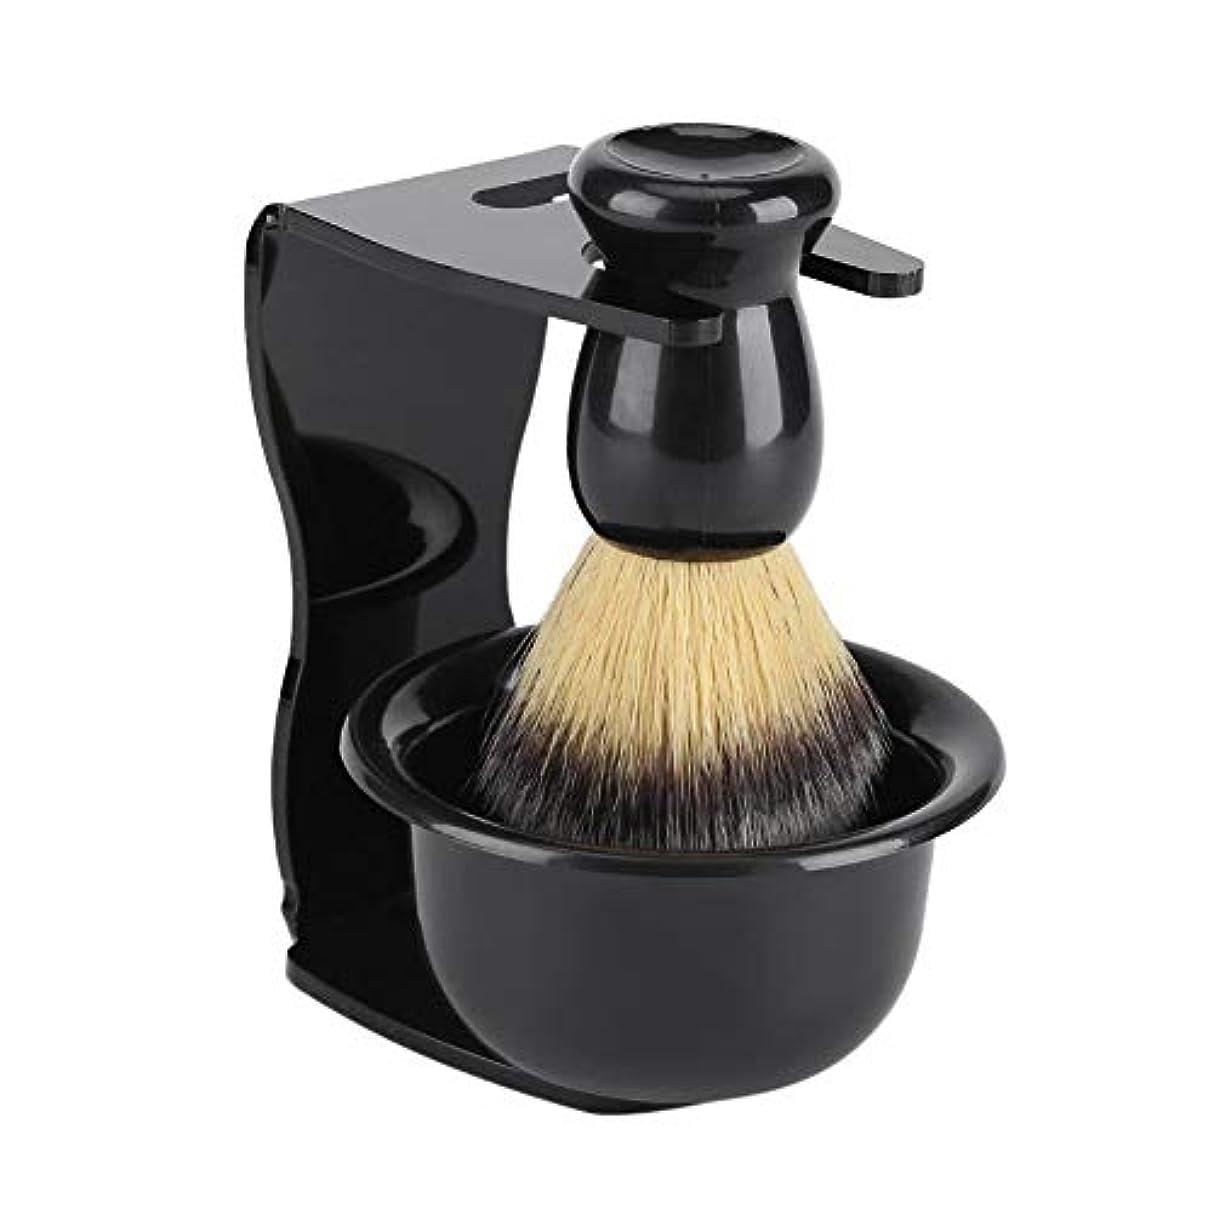 田舎者計算可能カートン3セットひげブラシ シェービングブラシ プレゼントシェービングブラシセット プラシスタンド 石鹸ボウル 理容 洗顔 髭剃り